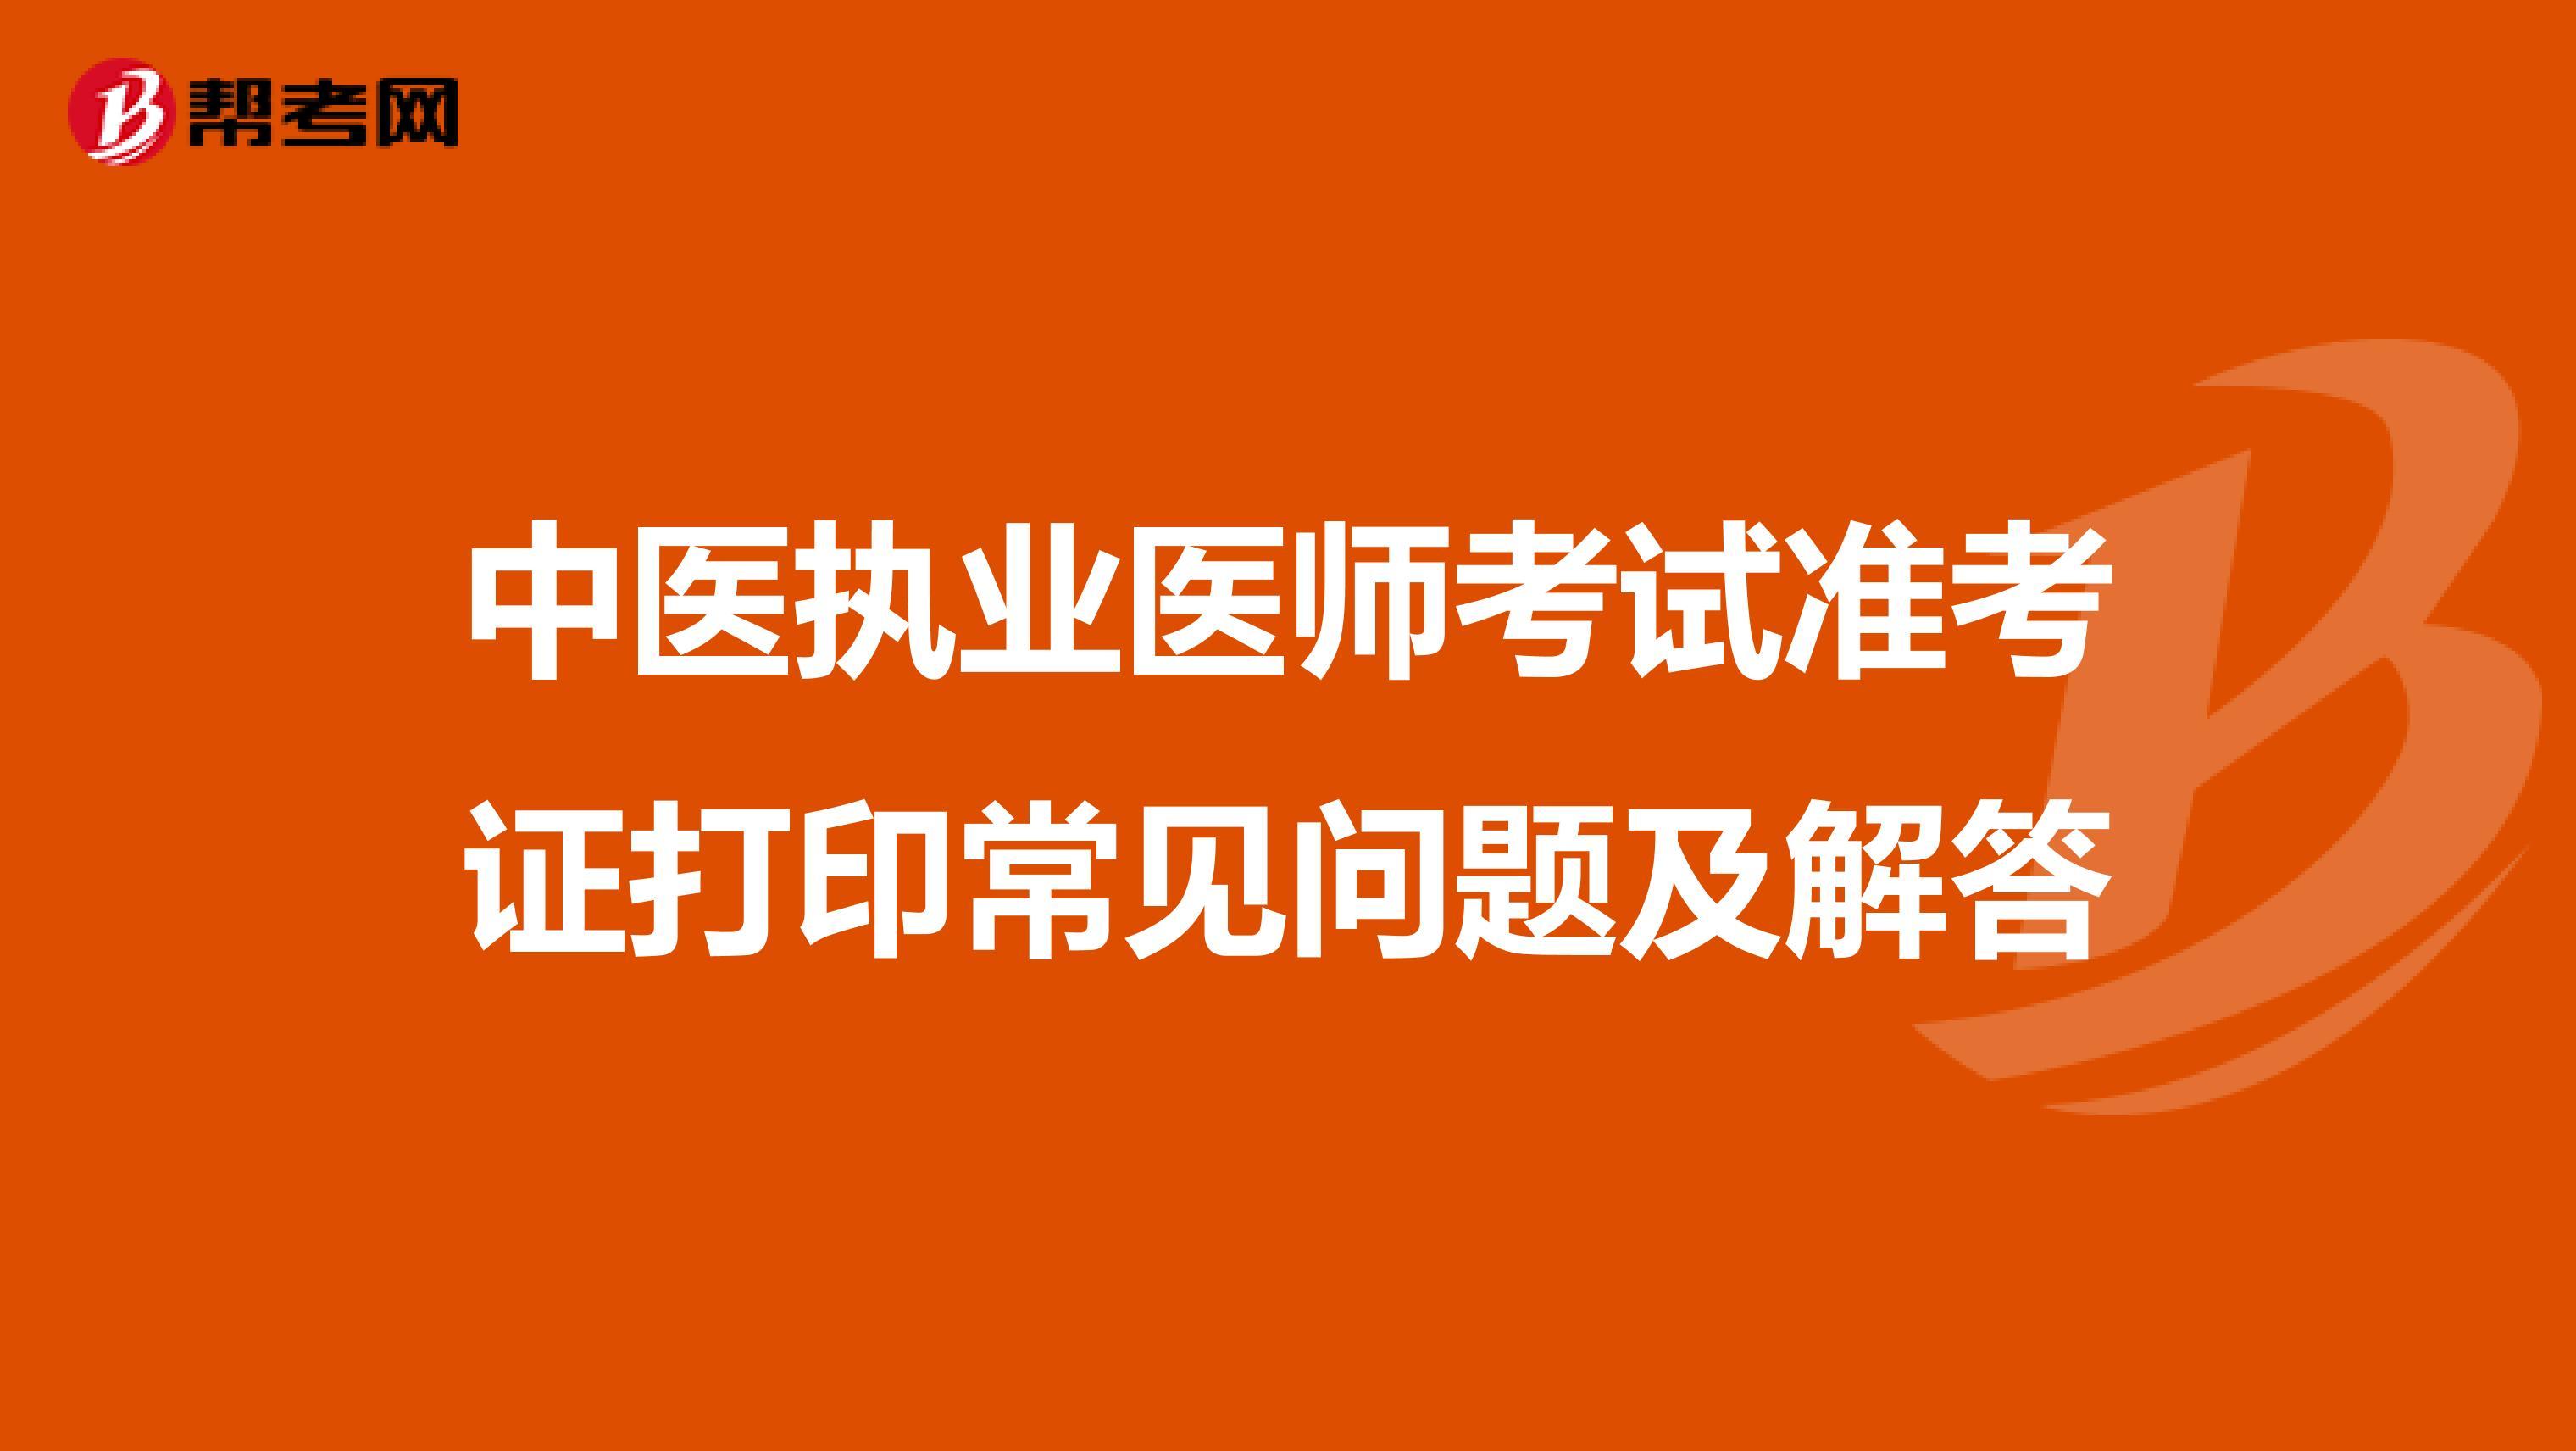 中医执业医师考试准考证打印常见问题及解答